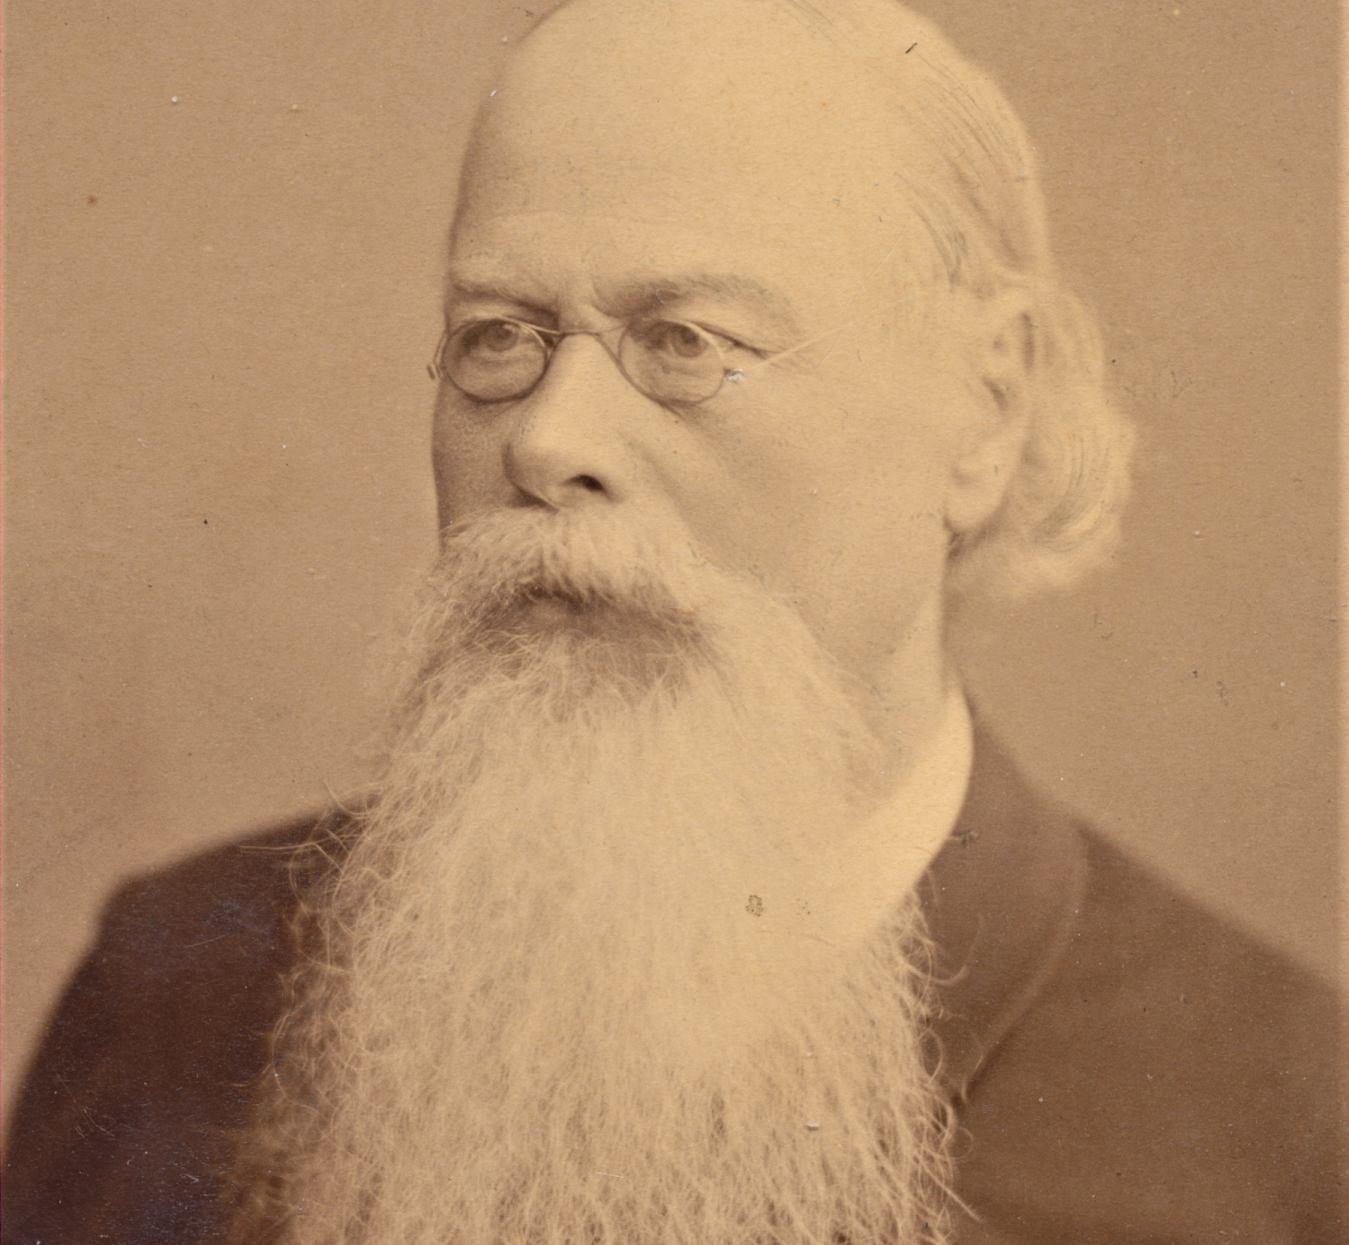 Gammalt fotografi som föreställer en man med långt skägg och glasögon.